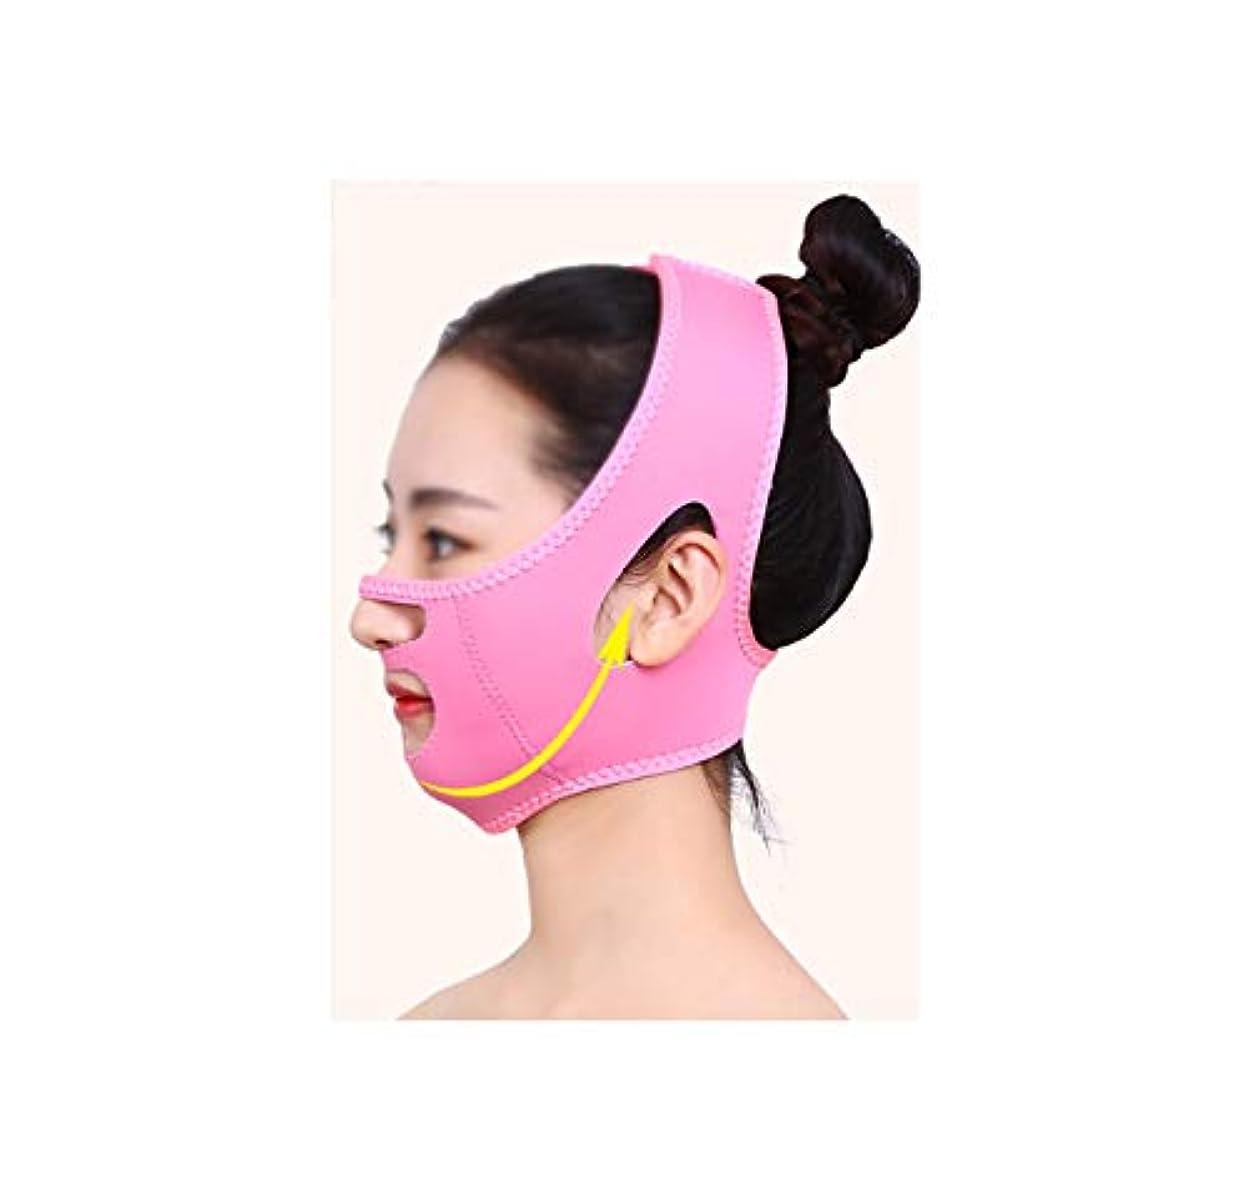 メイドセブン教育学GLJJQMY 薄い顔マスクマスク顔機美容機器ローラー顔薄い顔Vフェイスマスク二重あご包帯アーティファクト 顔用整形マスク